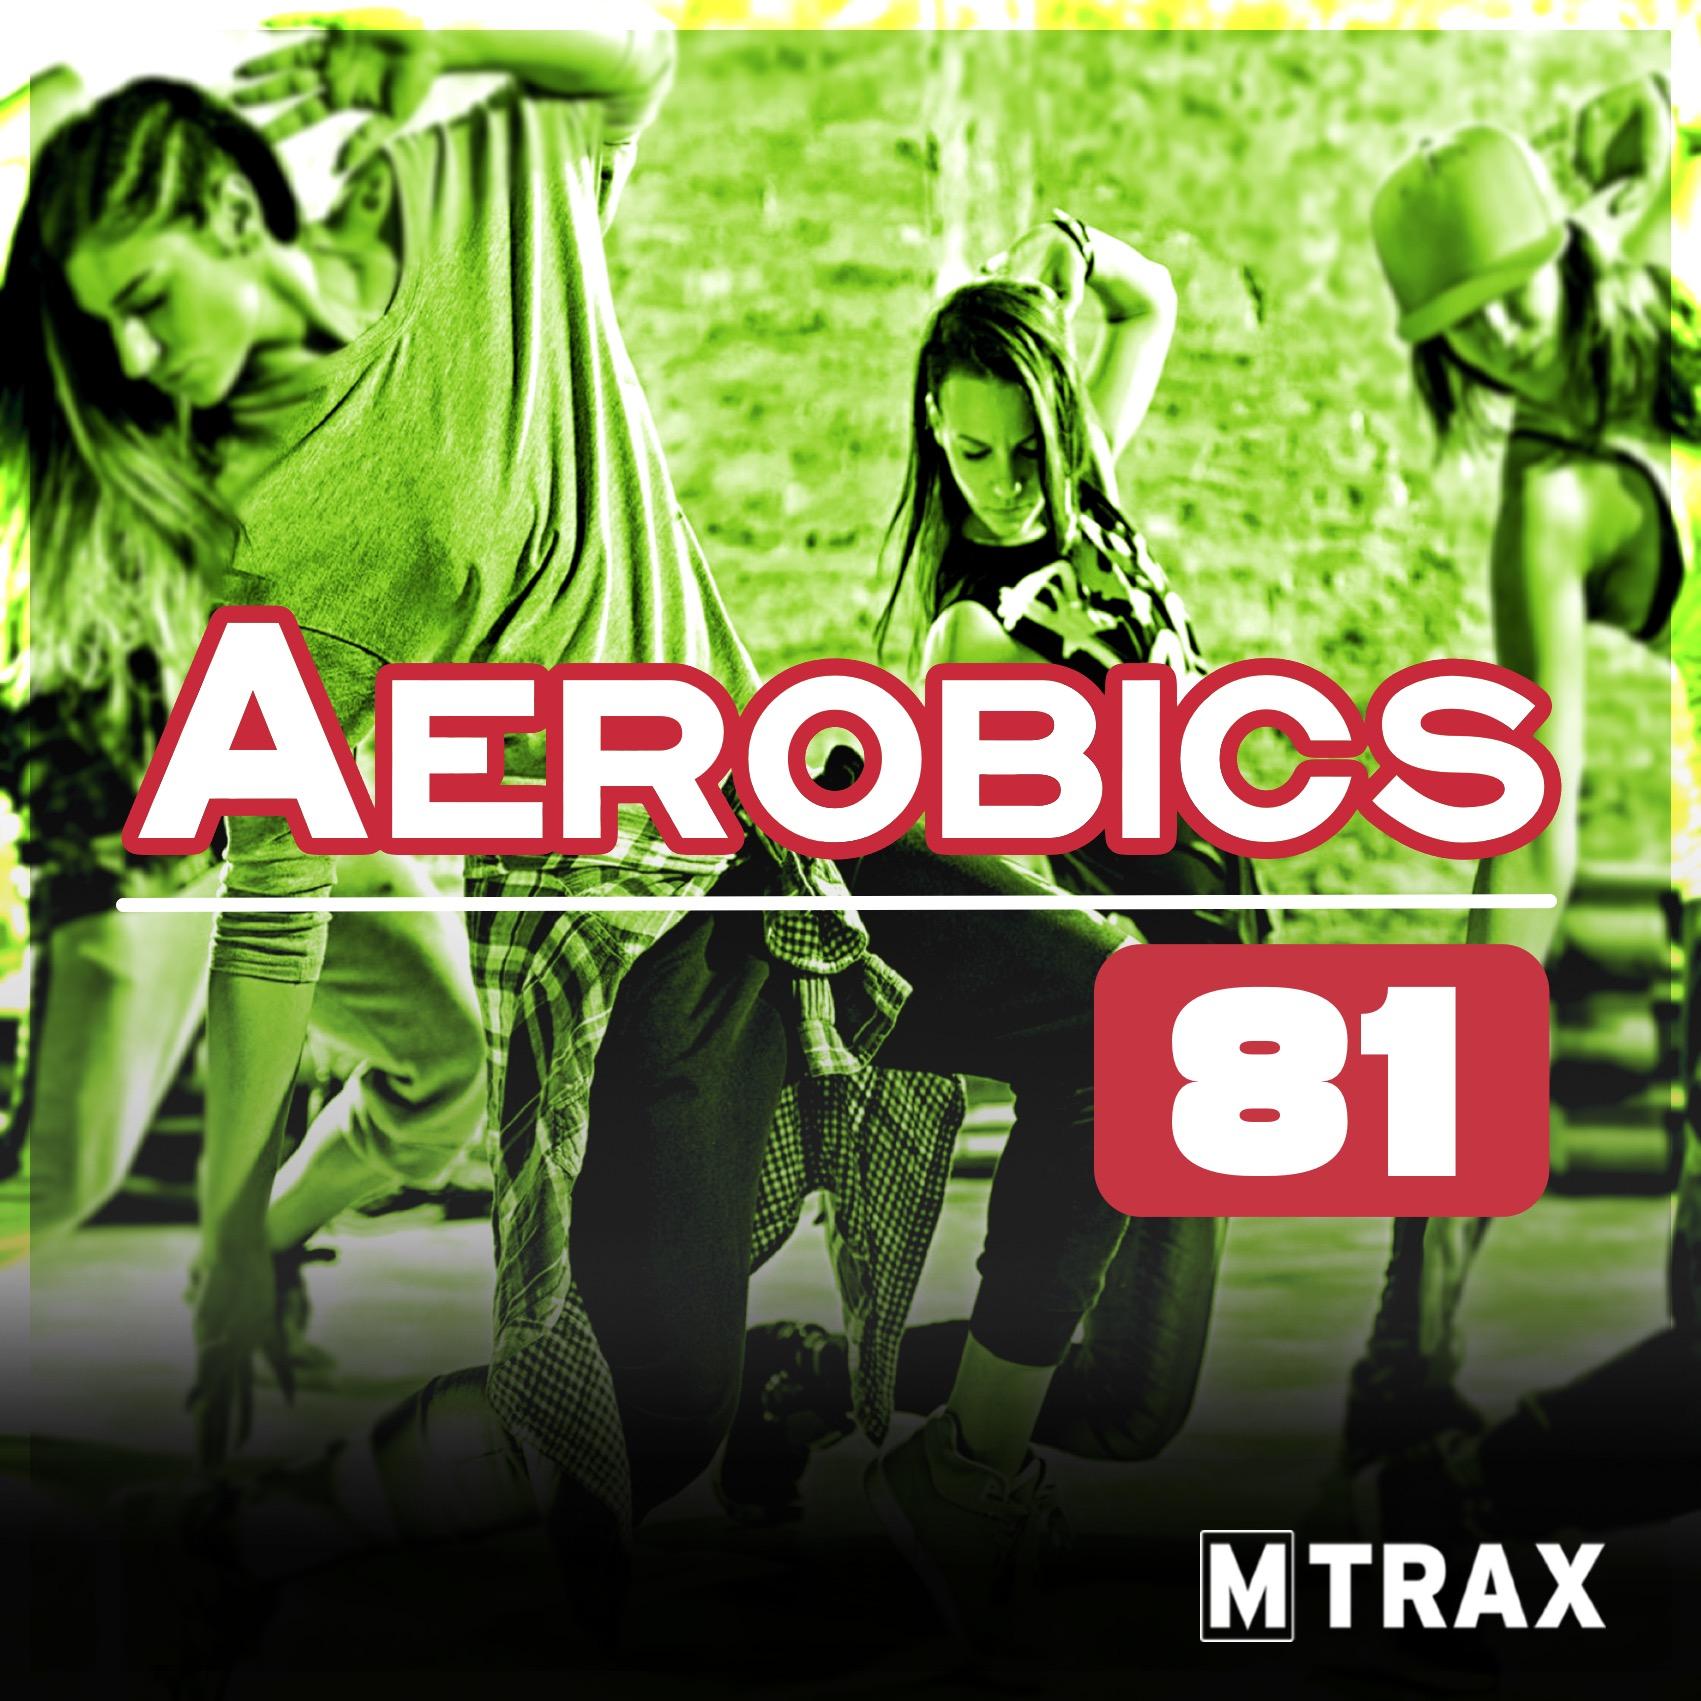 Aerobics 81 - MTrax Fitness Music